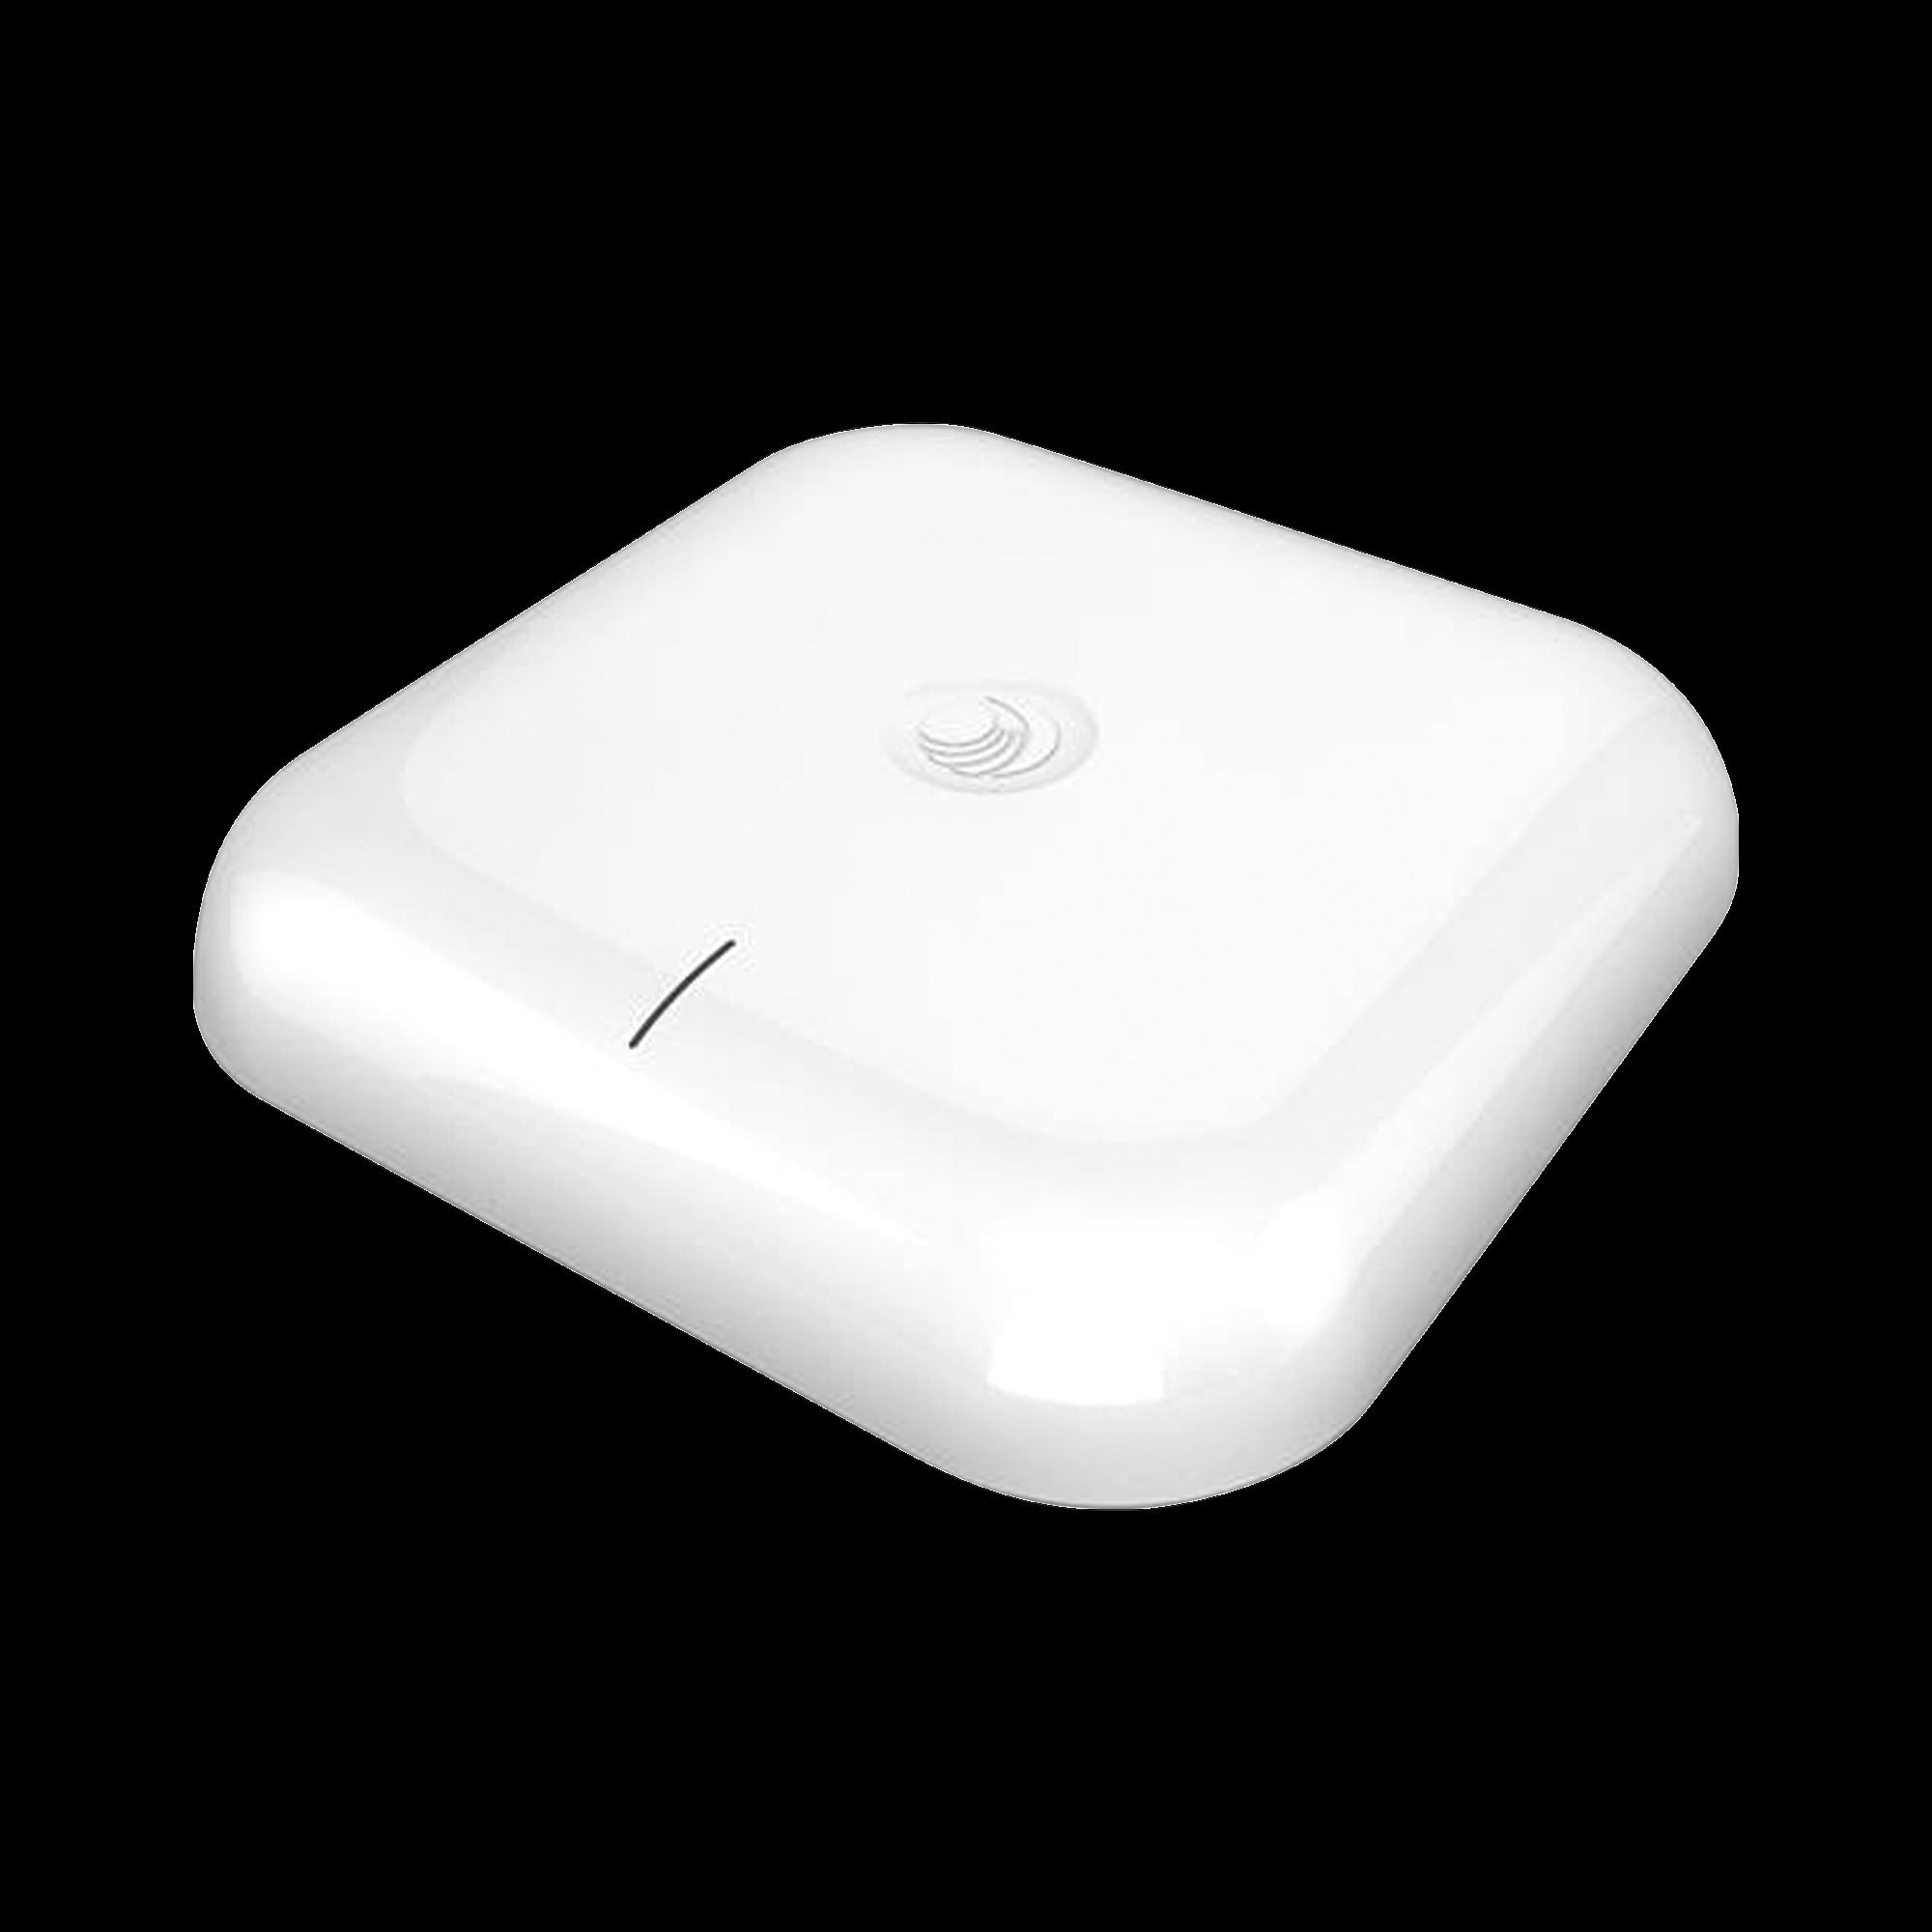 Access Point cnPilot XV3-8 WiFi 6 802.11ax, doble banda, 5 radios definidos por software (SDR), MU-MIMO 8x8, Políticas de control de aplicaciones, hasta 1,024 clientes, gestión desde la nube